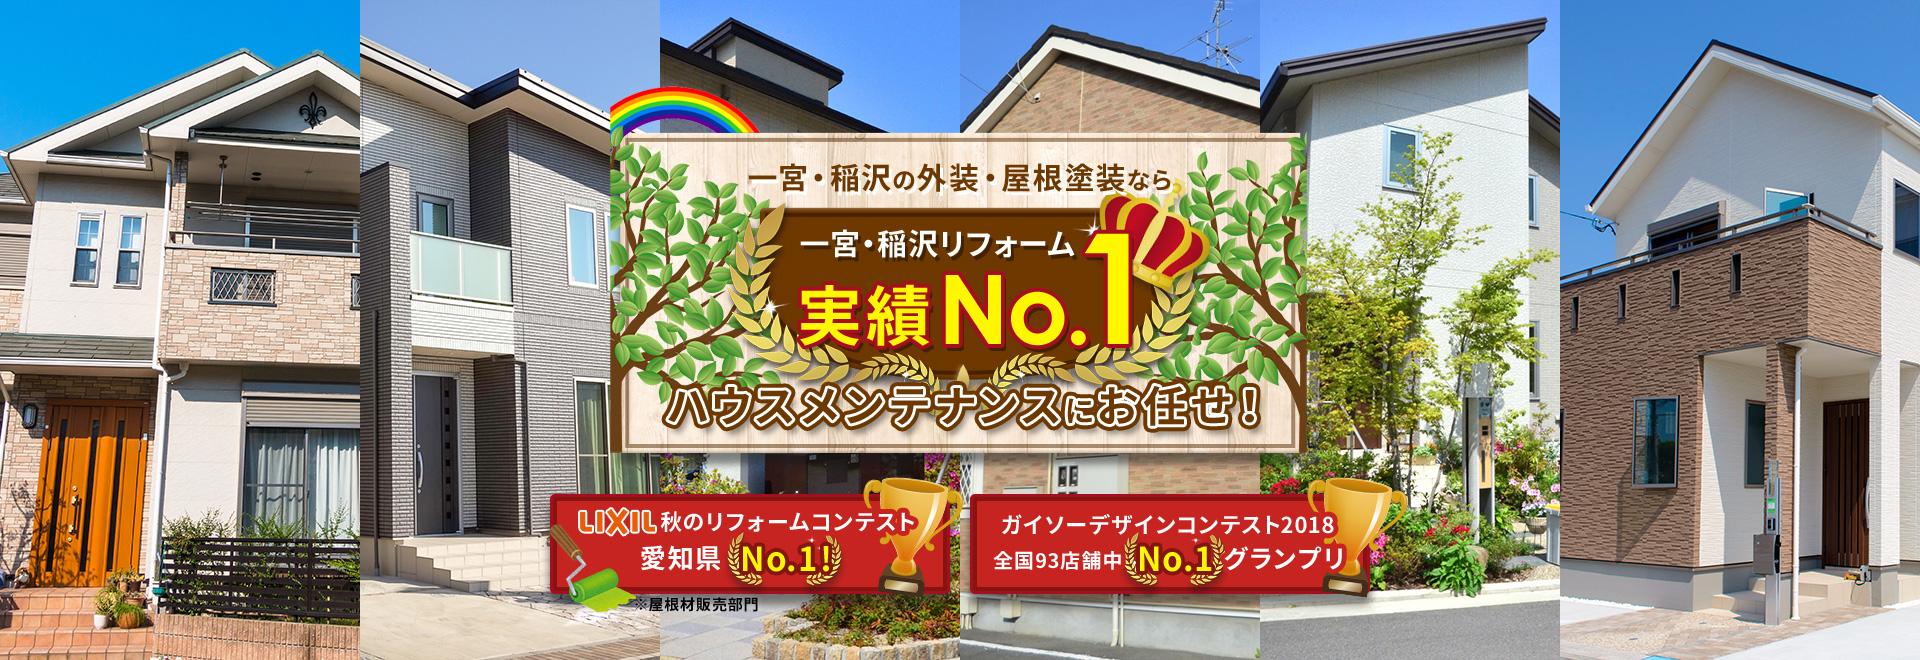 一宮・稲沢の外装・屋根塗装なら一宮・稲沢リフォーム実績No.1ハウスメンテナンスにお任せ!